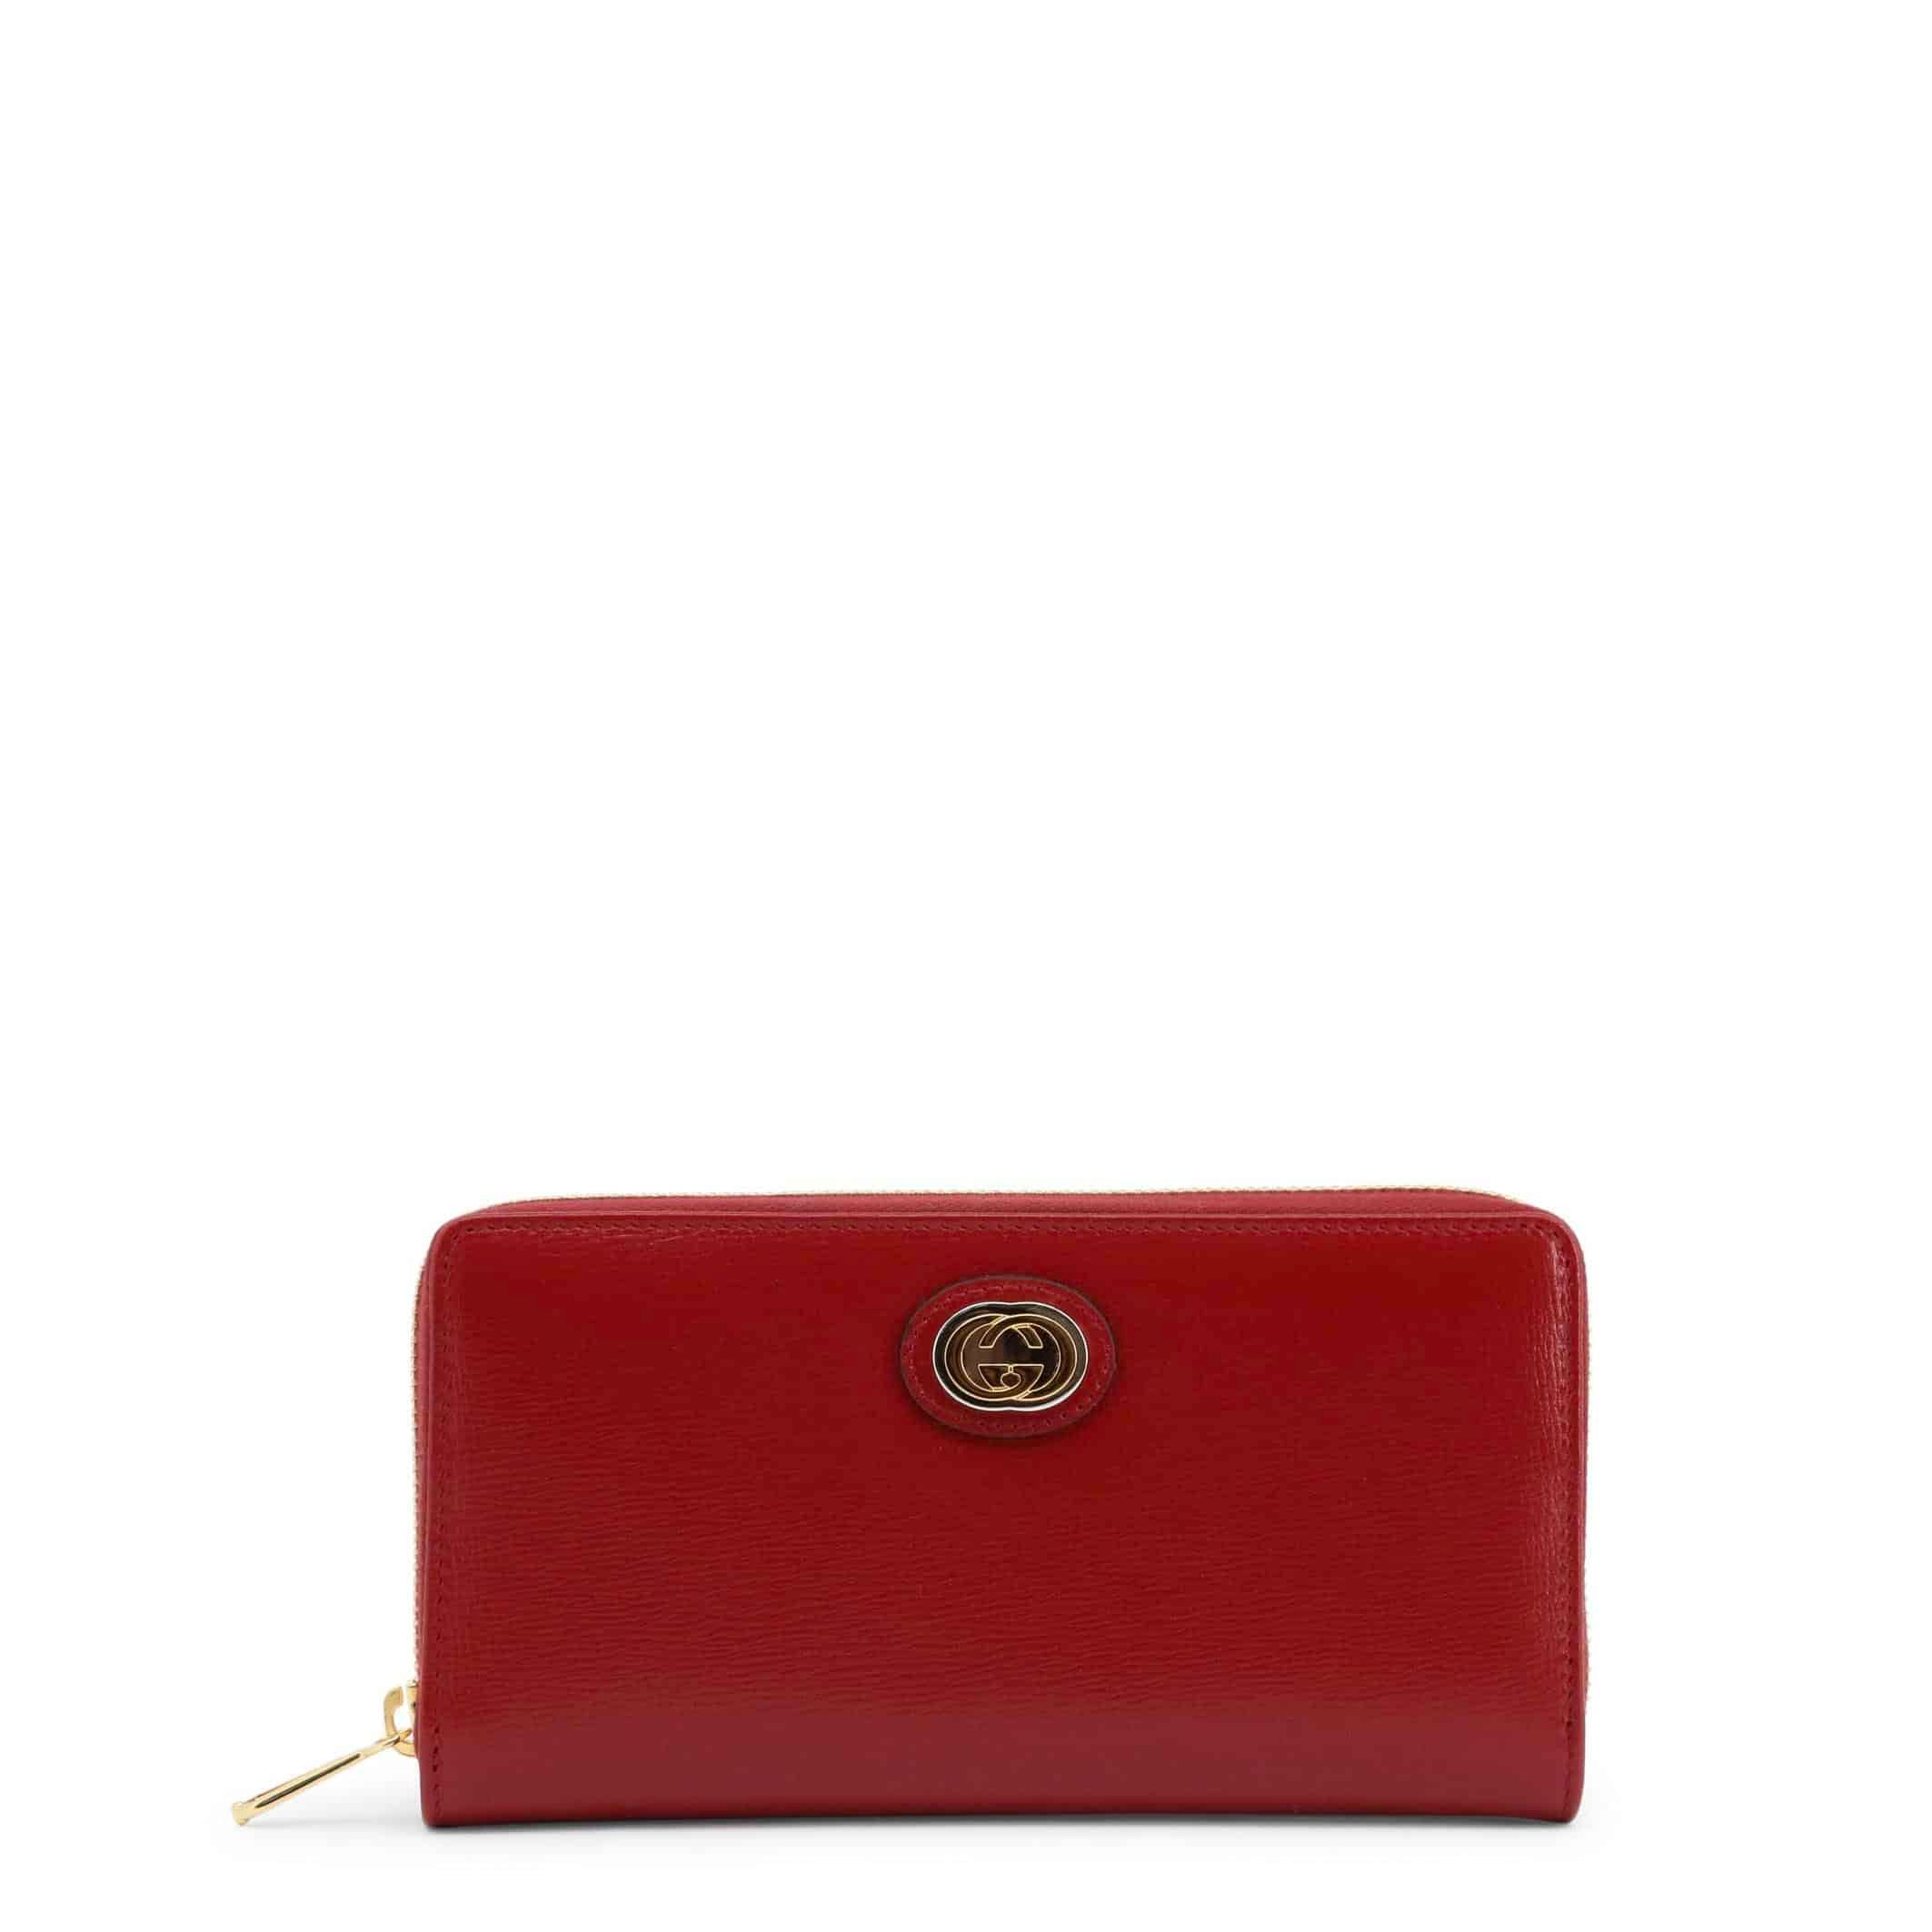 Gucci – 598543_1DB0X – Rood Designeritems.nl